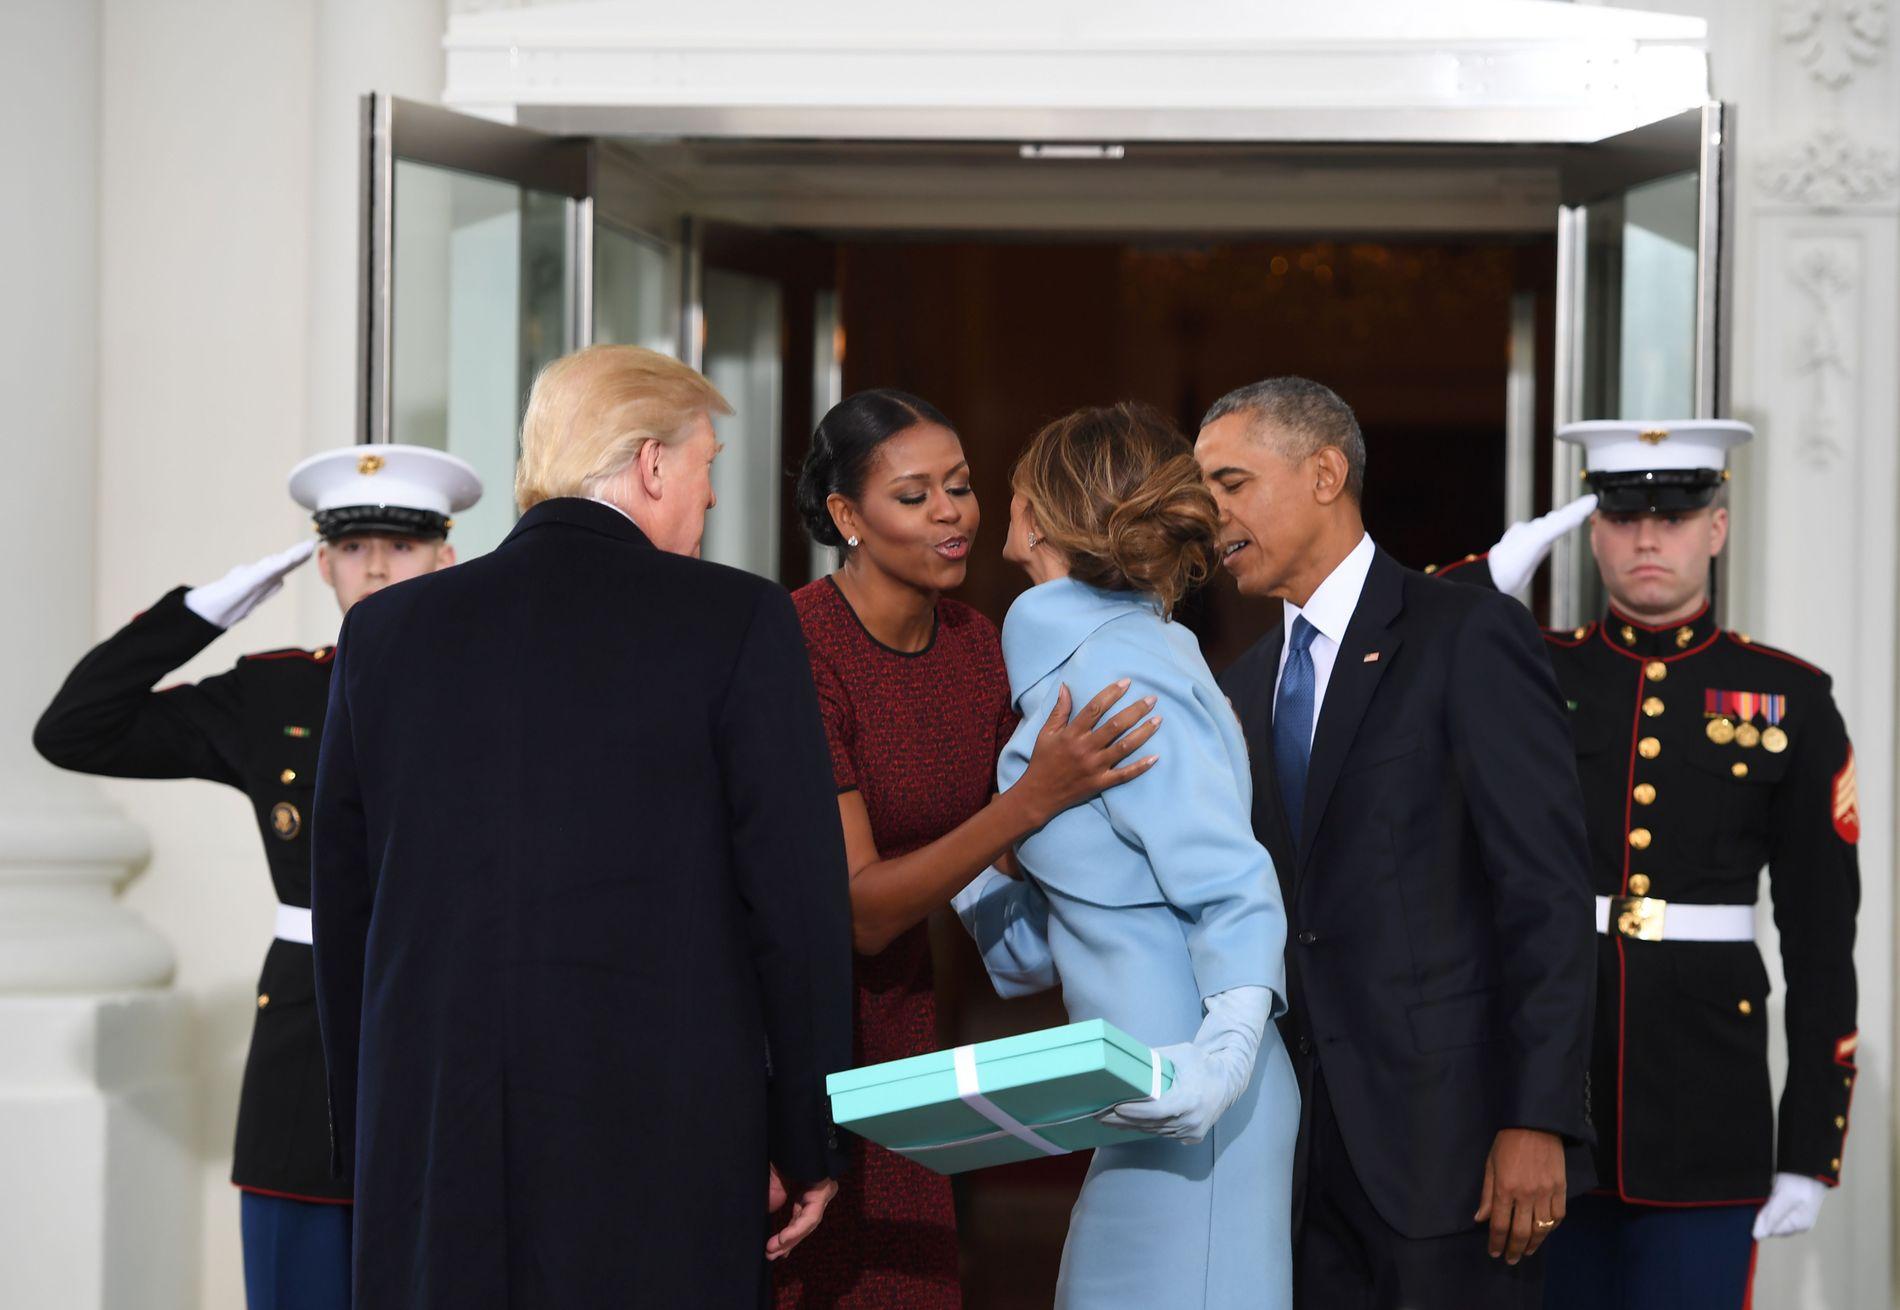 ØYEBLIKKET: President Barack Obama og Michelle Obama tar imot nyvalgt president Donald Trump og Melania Trump under innsettelsen i fjor. Den blå pakken stjal oppmerksomheten.